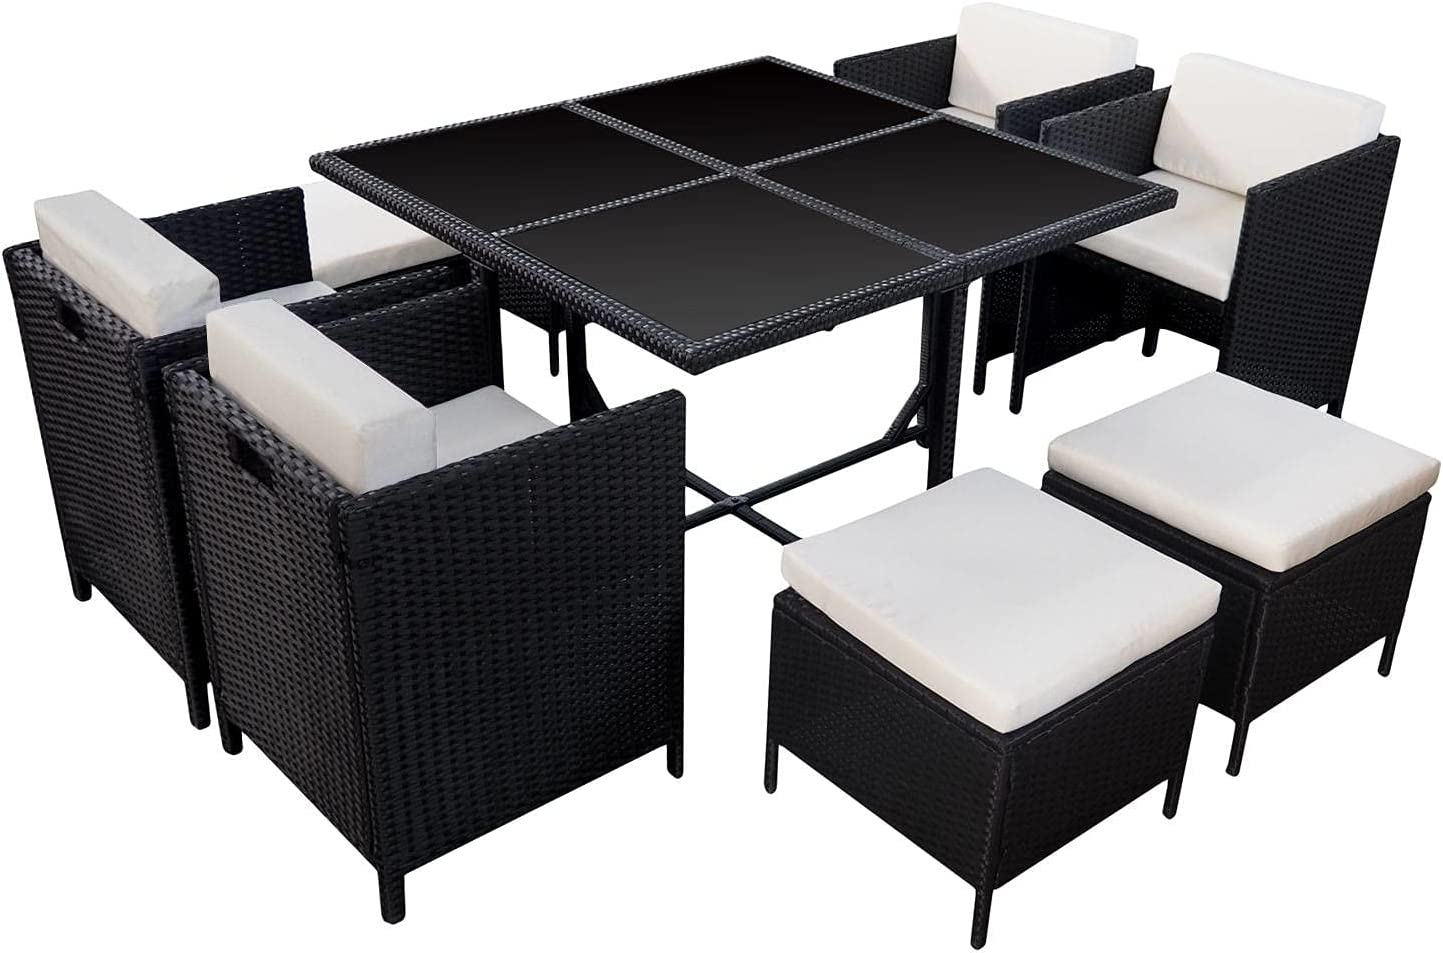 HABELOCK - Juego de jardín empotrado de resina tejida - Juego de mesa, sillas, pufs para exteriores - Resistente a la intemperie - Cojines suaves y repelentes al agua - 10 lugares - Negro Beige